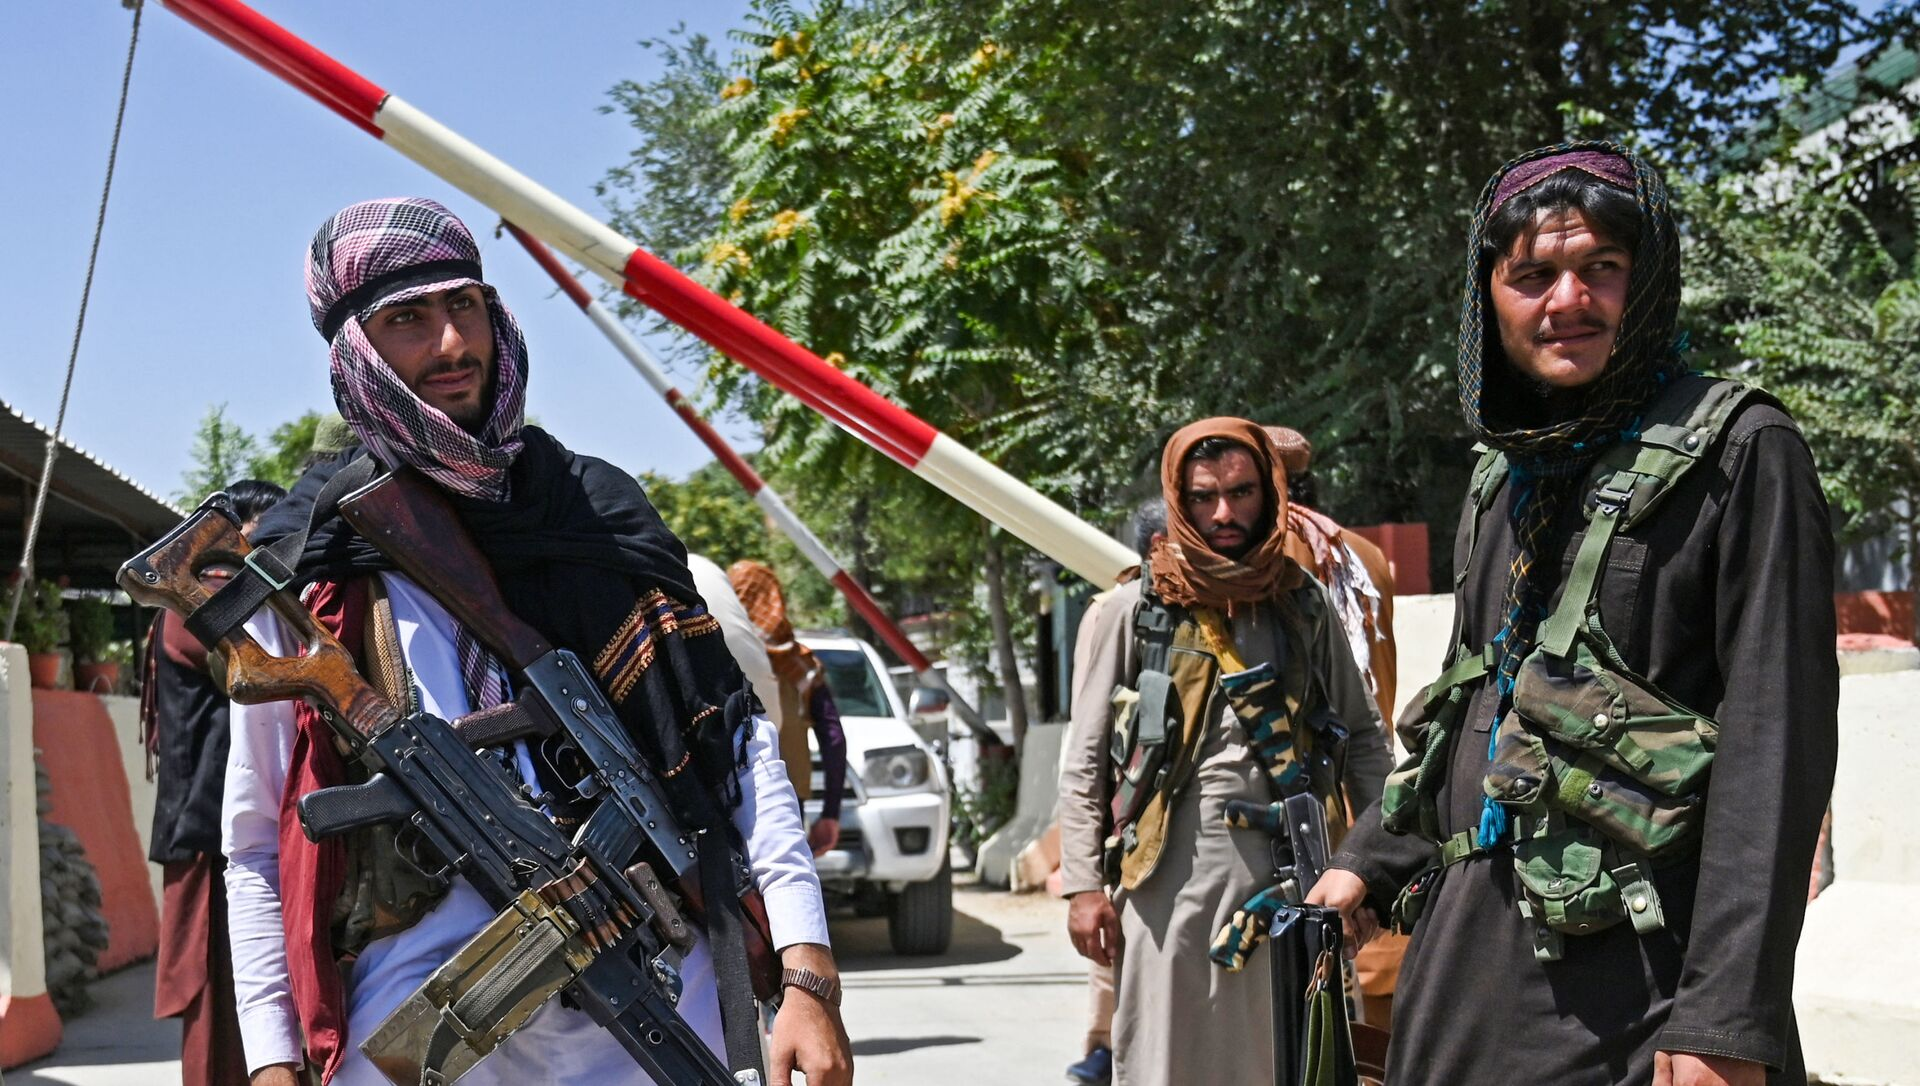 Боевики движения Талибан (террористическая группировка, запрещеннфая в РФ) в Кабуле, 16 авгутса 2021 года  - Sputnik Азербайджан, 1920, 17.08.2021